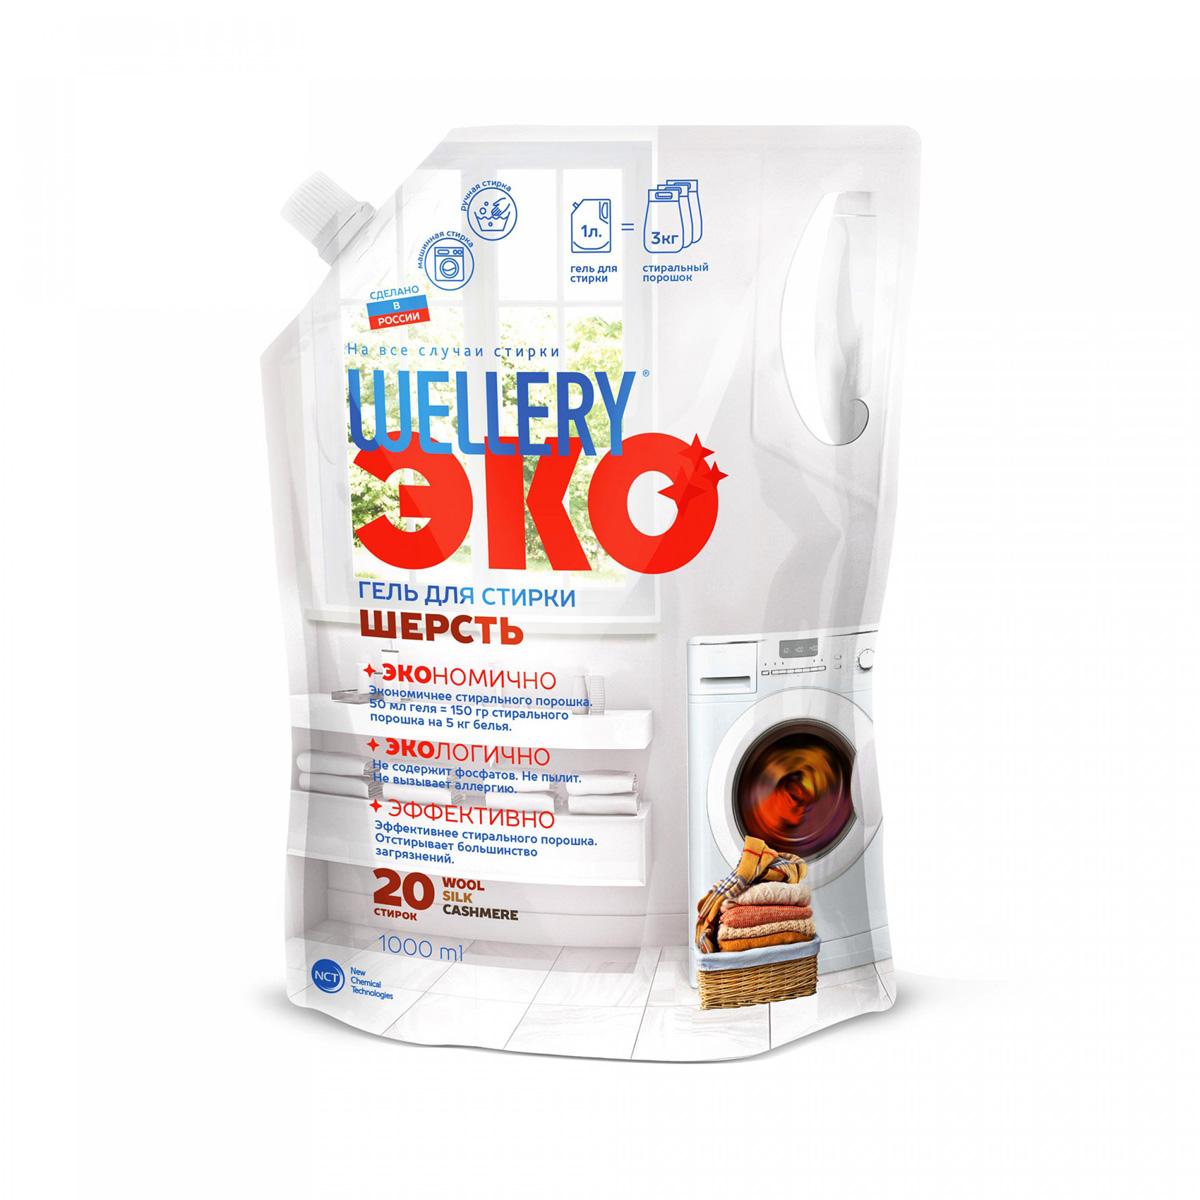 Гель для стирки Wellery ЭКО Шерсть, 1 л4640015110804 Гель предназначен для стирки шерсти, шелка и кашемира.Экономичнее стирального порошка в 3 раза: на 5 кг белья требуется всего 50 мл средства вместо 150 гр сухого средства.Защищают от потери цвета, возвращают яркость тканям, сохраняя красоту любимых вещей.Отстирывают большинство загрязнений, что подтверждено лабораторными исследованиями.Изготовлены на основе компонентов, классифицируемых как биоразлагаемые.Не содержат фосфатов и красителей.Полностью вымываются из тканейКрасивый яркий дизайн упаковки несомненно привлечет Ваше внимание.Наличие ручки для переноски помогает удобству в использовании.